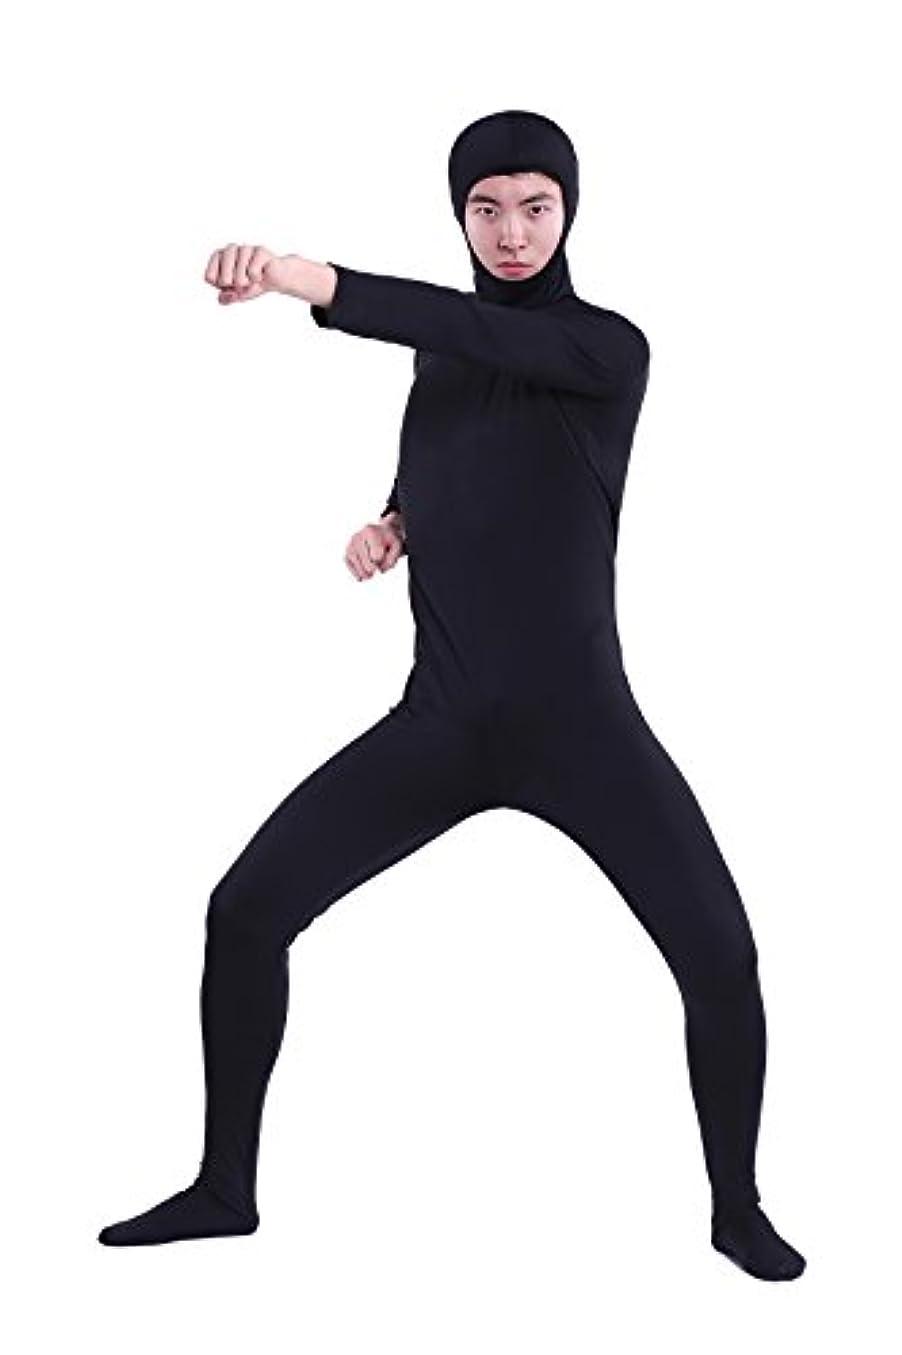 コスチューム 全身タイツ 黒色 XXS 子供サイズ 身長120cmから130cm位 顔部分があいている 着ぐるみ (SS03-2H)